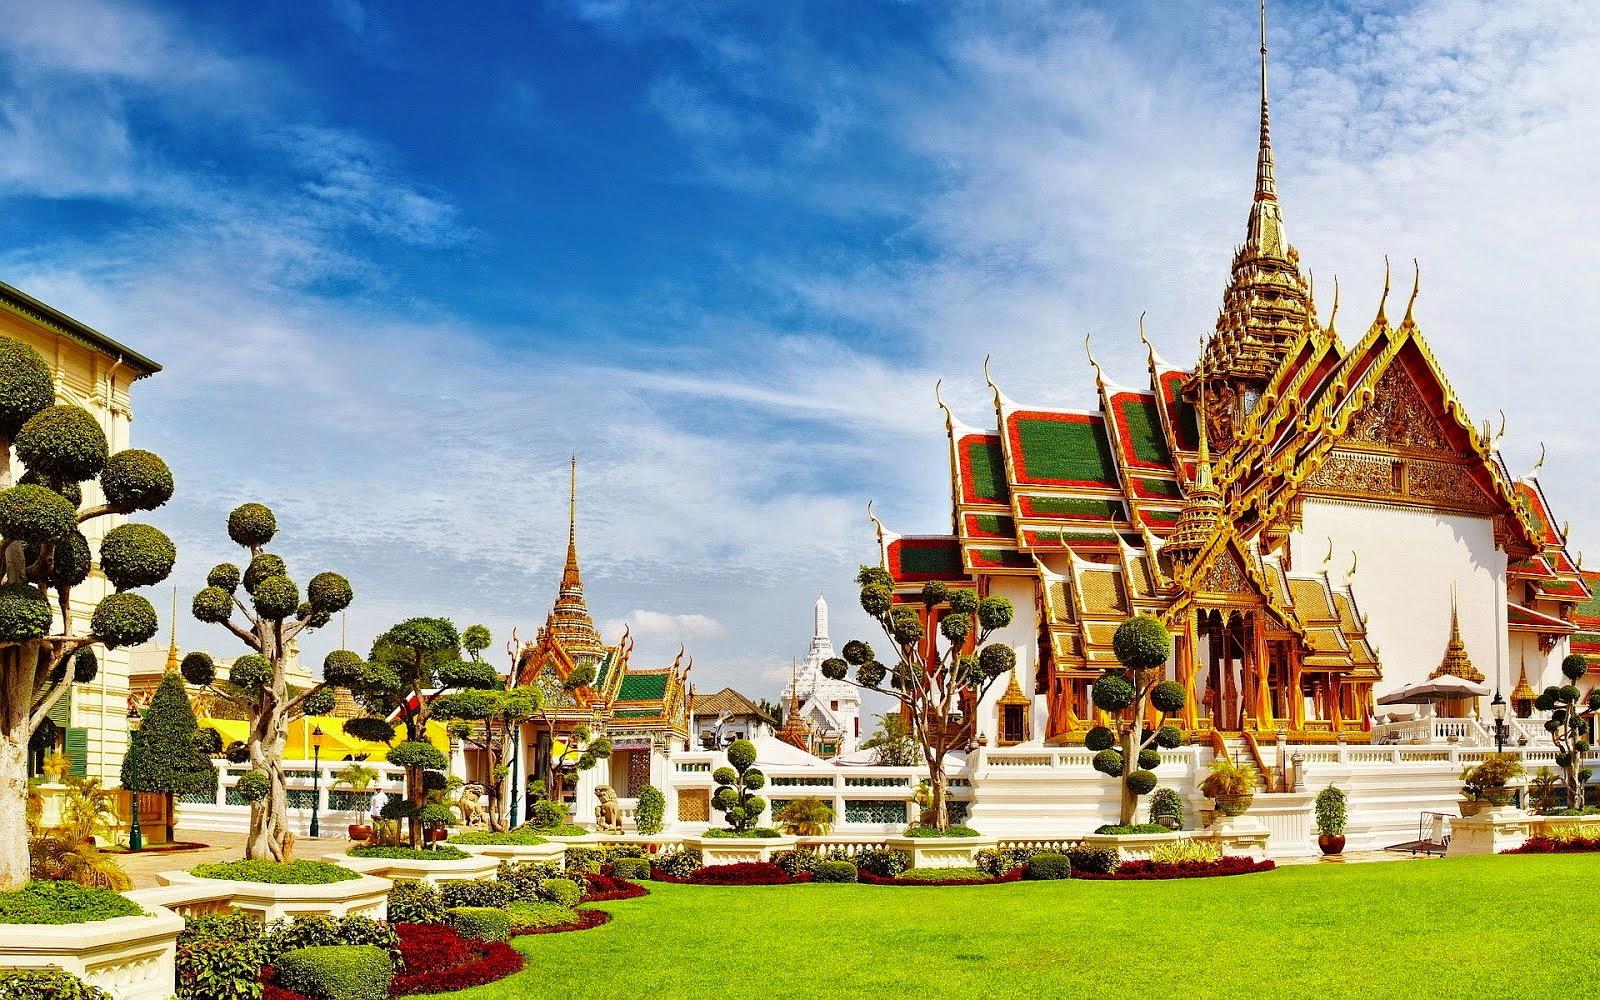 Điểm đến nổi tiếng khi du lịch Thái Lan cực hót post image